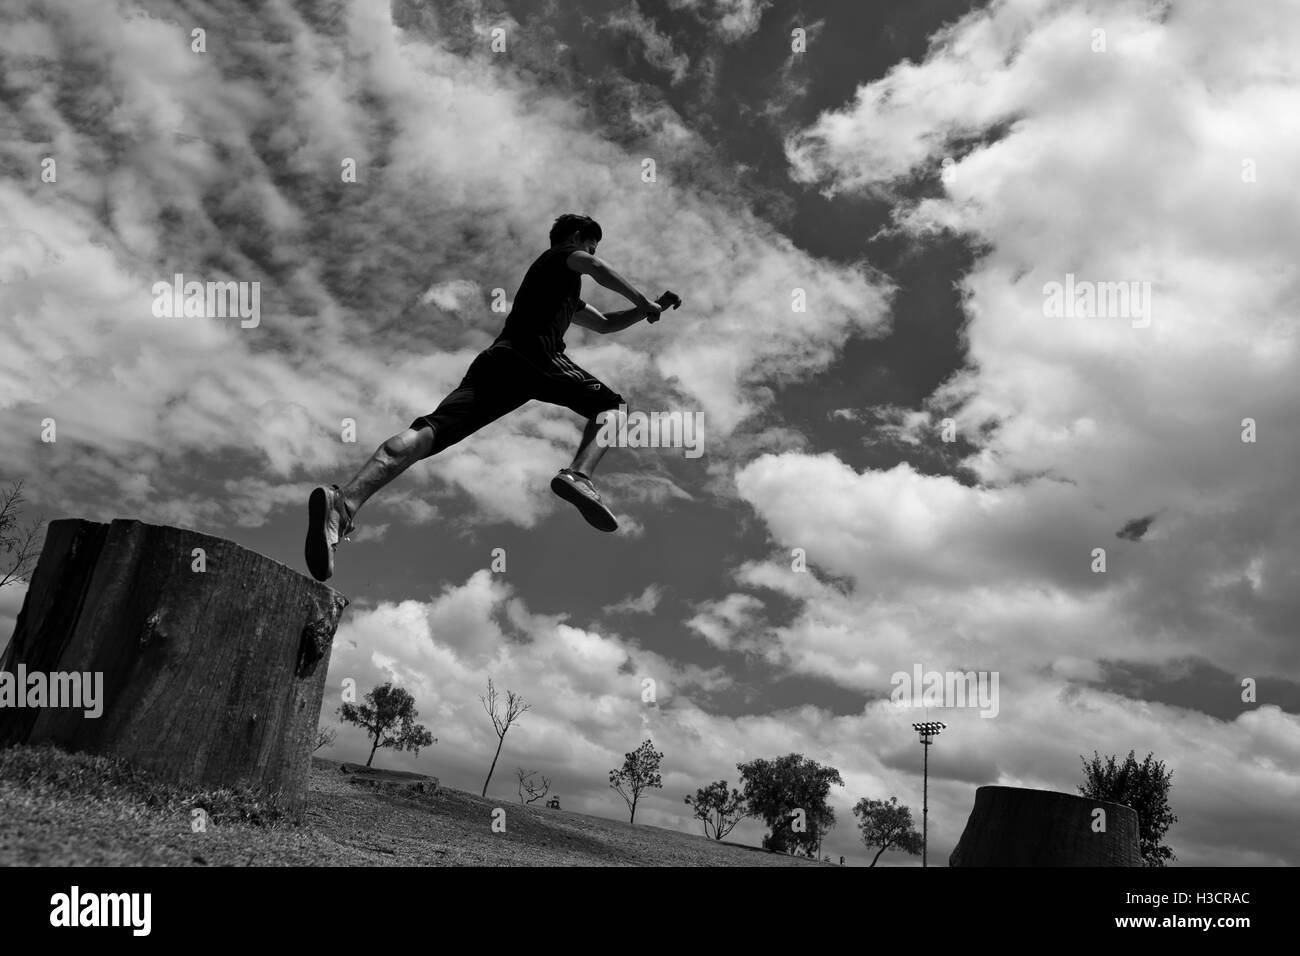 Un athlète colombien parkour effectue un saut en hauteur pendant une session de formation en cours d'exécution dans Banque D'Images